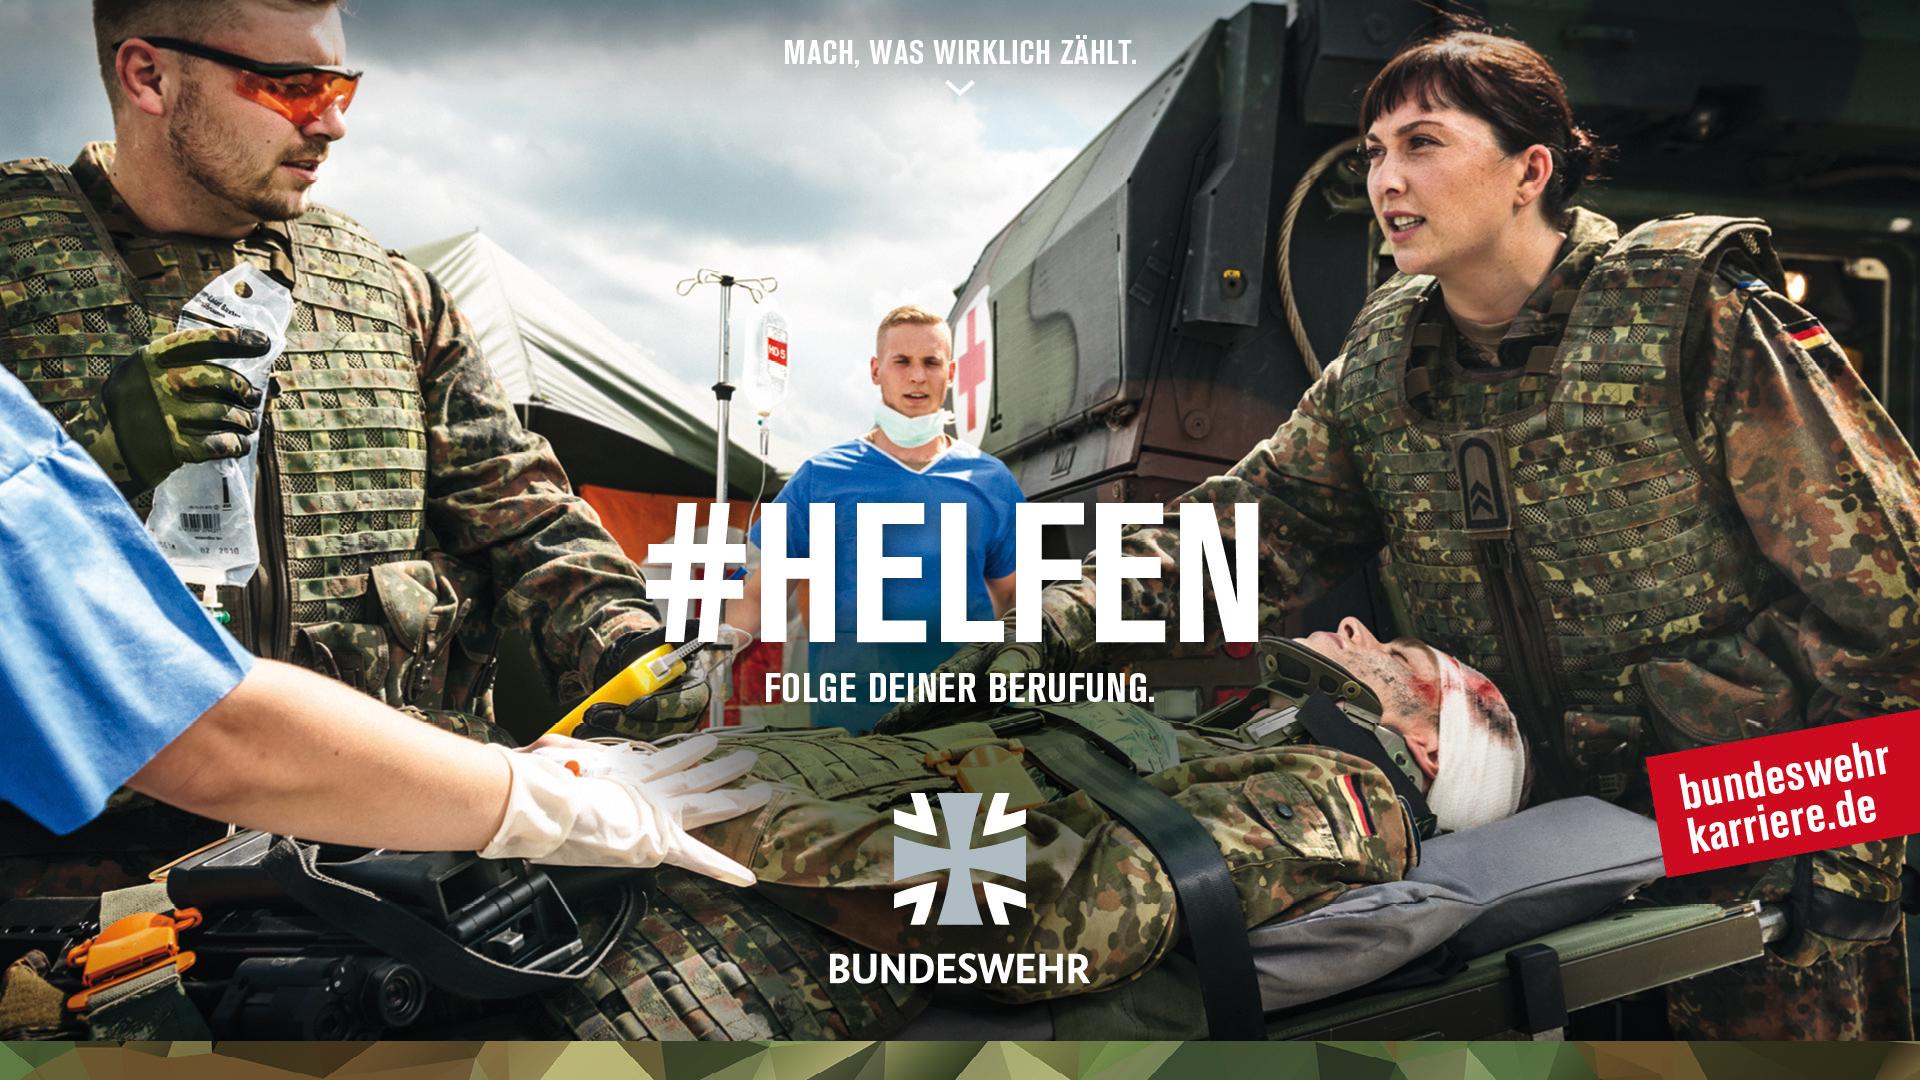 BW_Berufekampagne_16_9_12.jpg – Karriereberatungsbüro der Bundeswehr Aurich